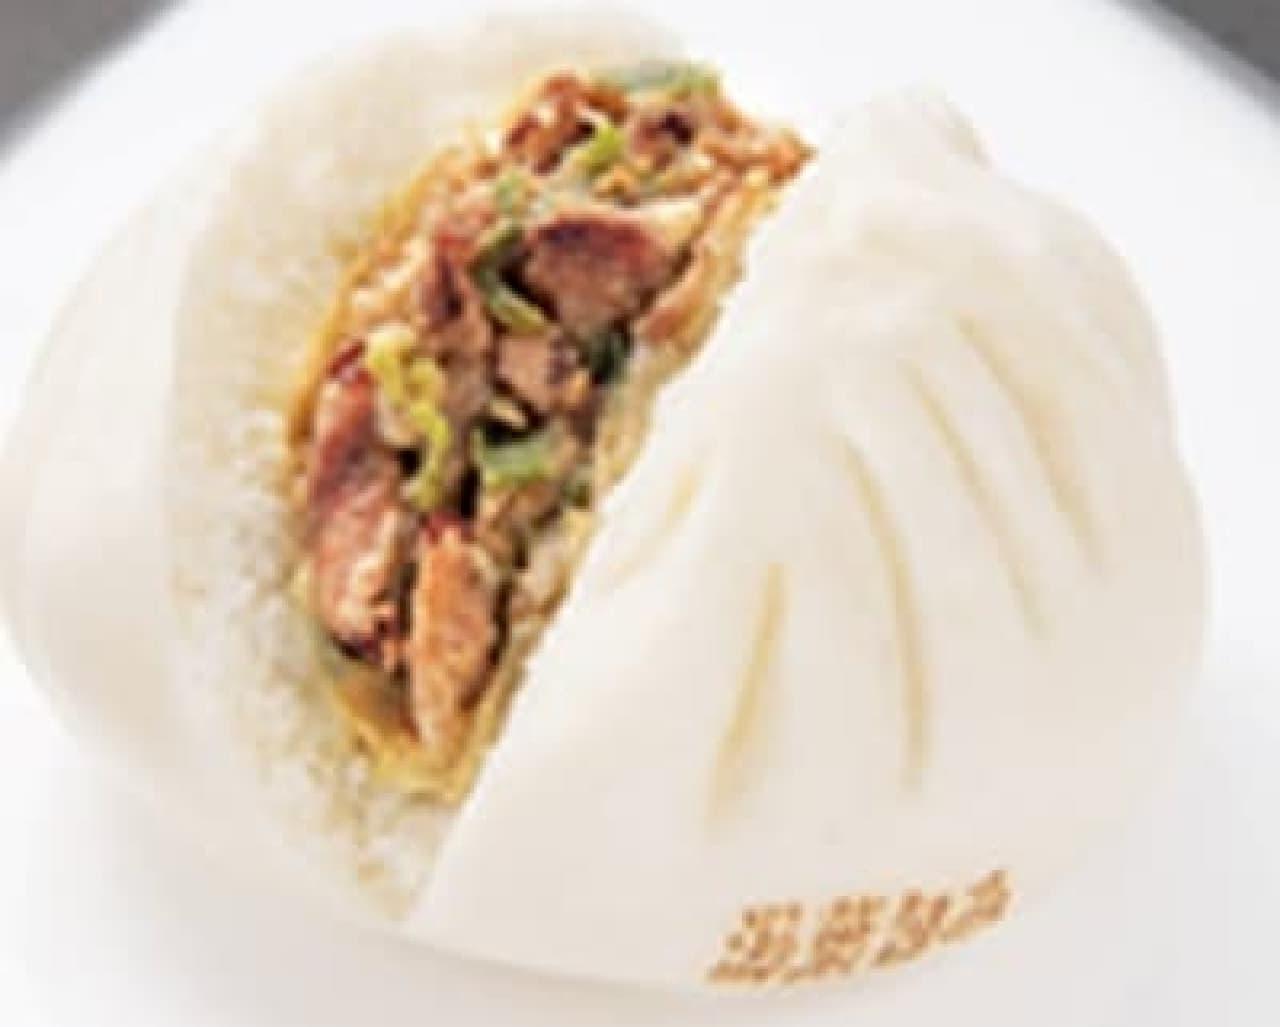 ファミリーマート「炭火焼豚カルビまん(ネギ塩だれ)」